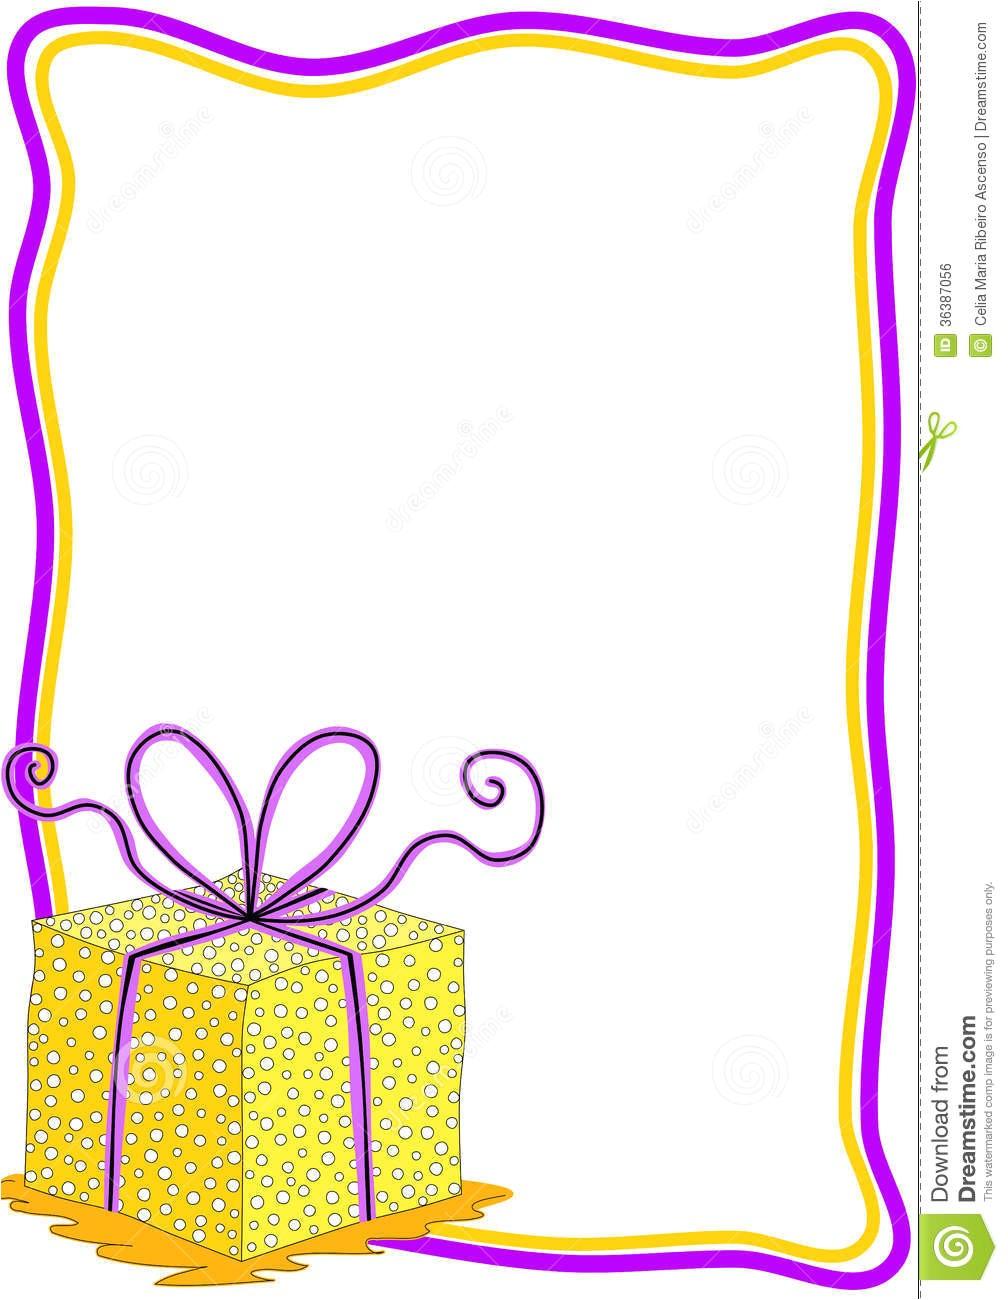 royalty free stock image gift box invitation card frame birthday tag border polka dot image36387056